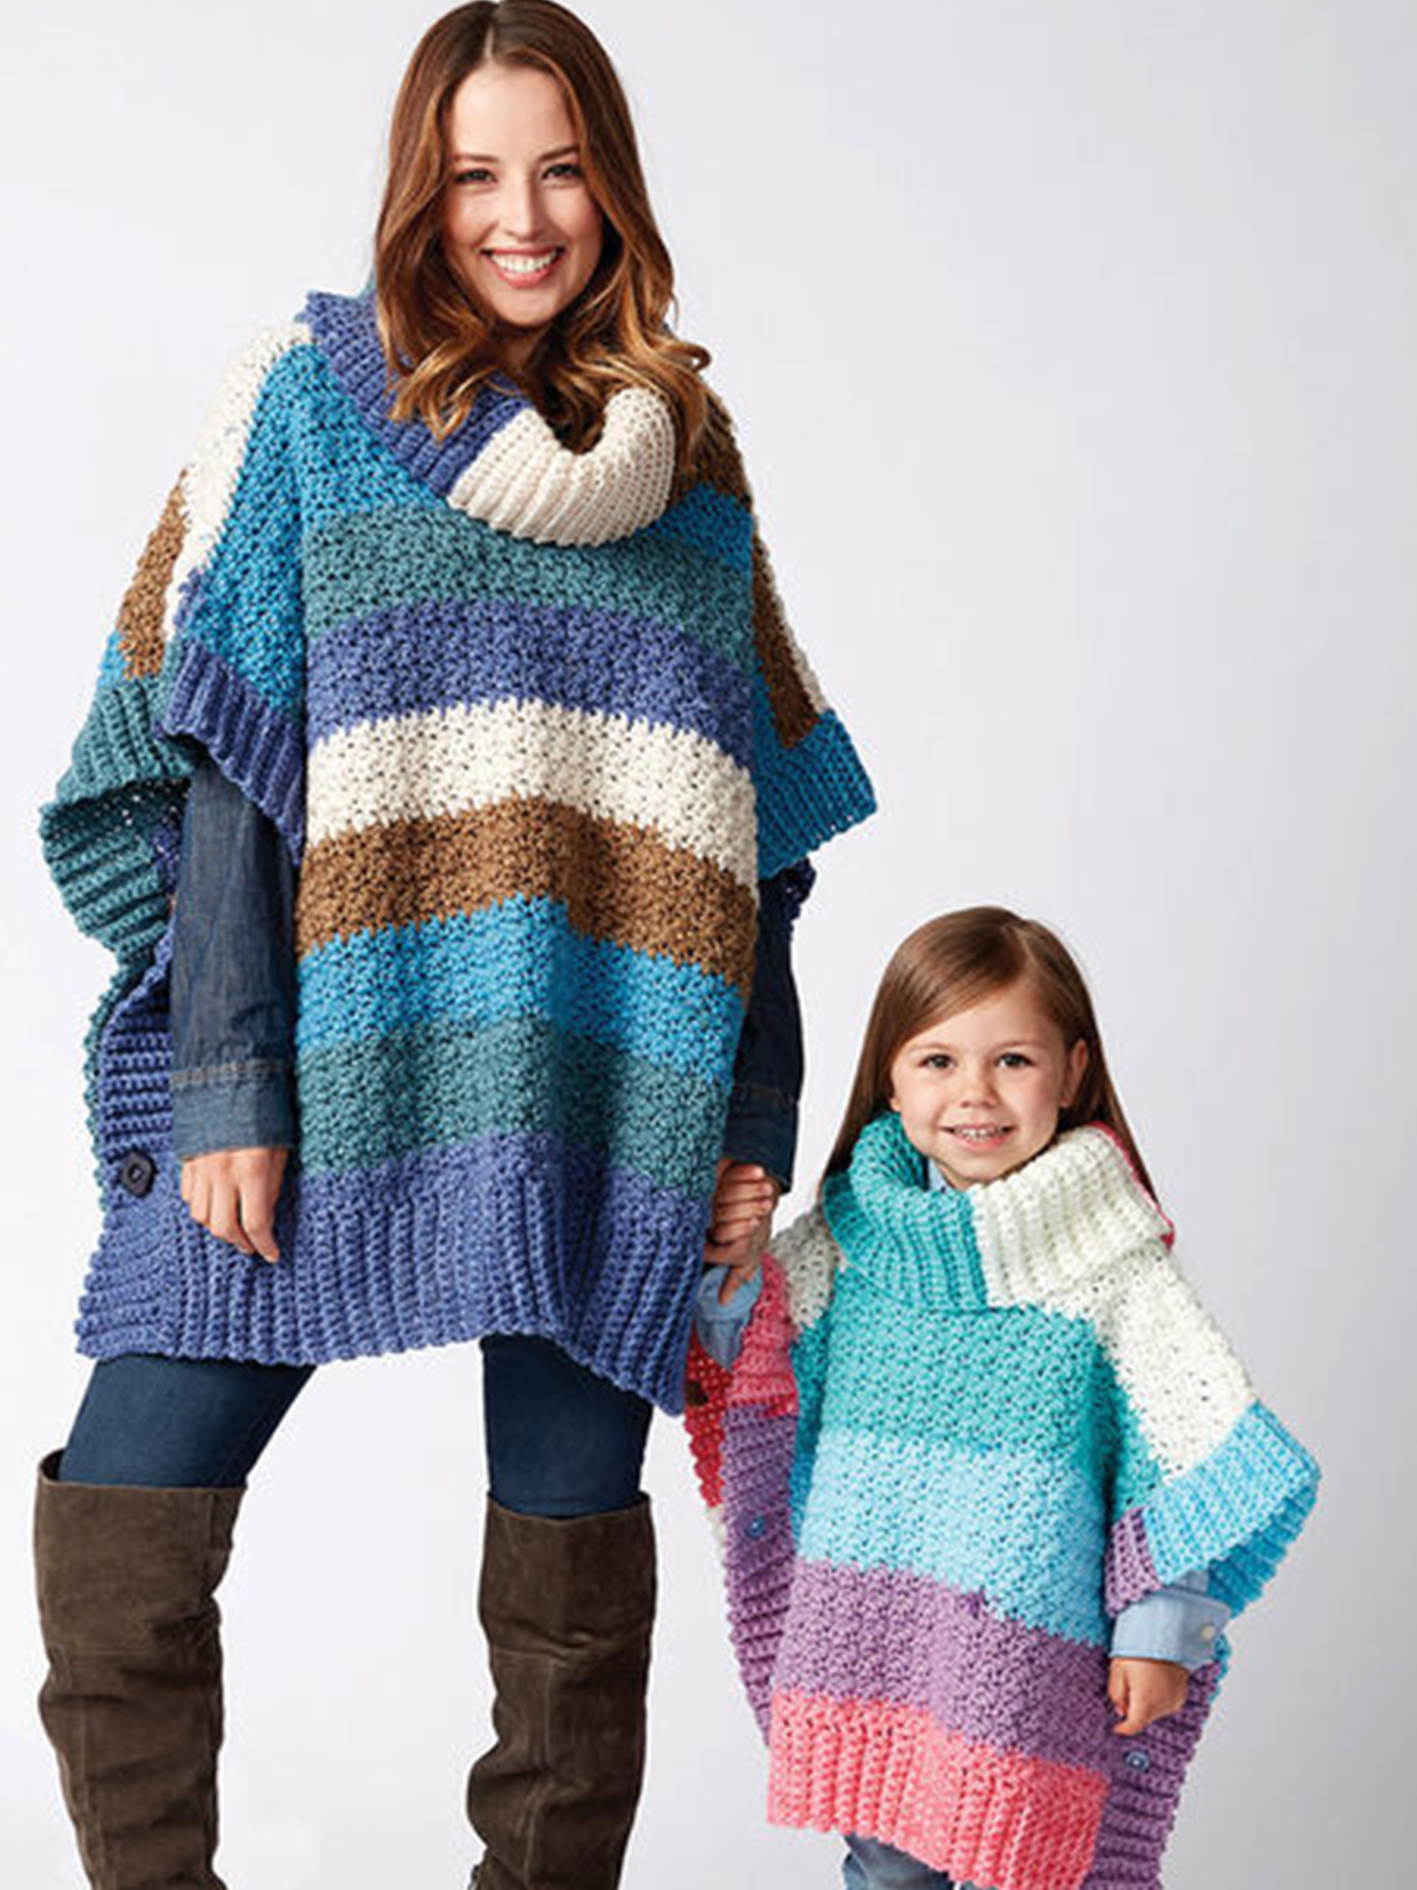 35-free-precious-crochet-newborn-dress-patterns-2019